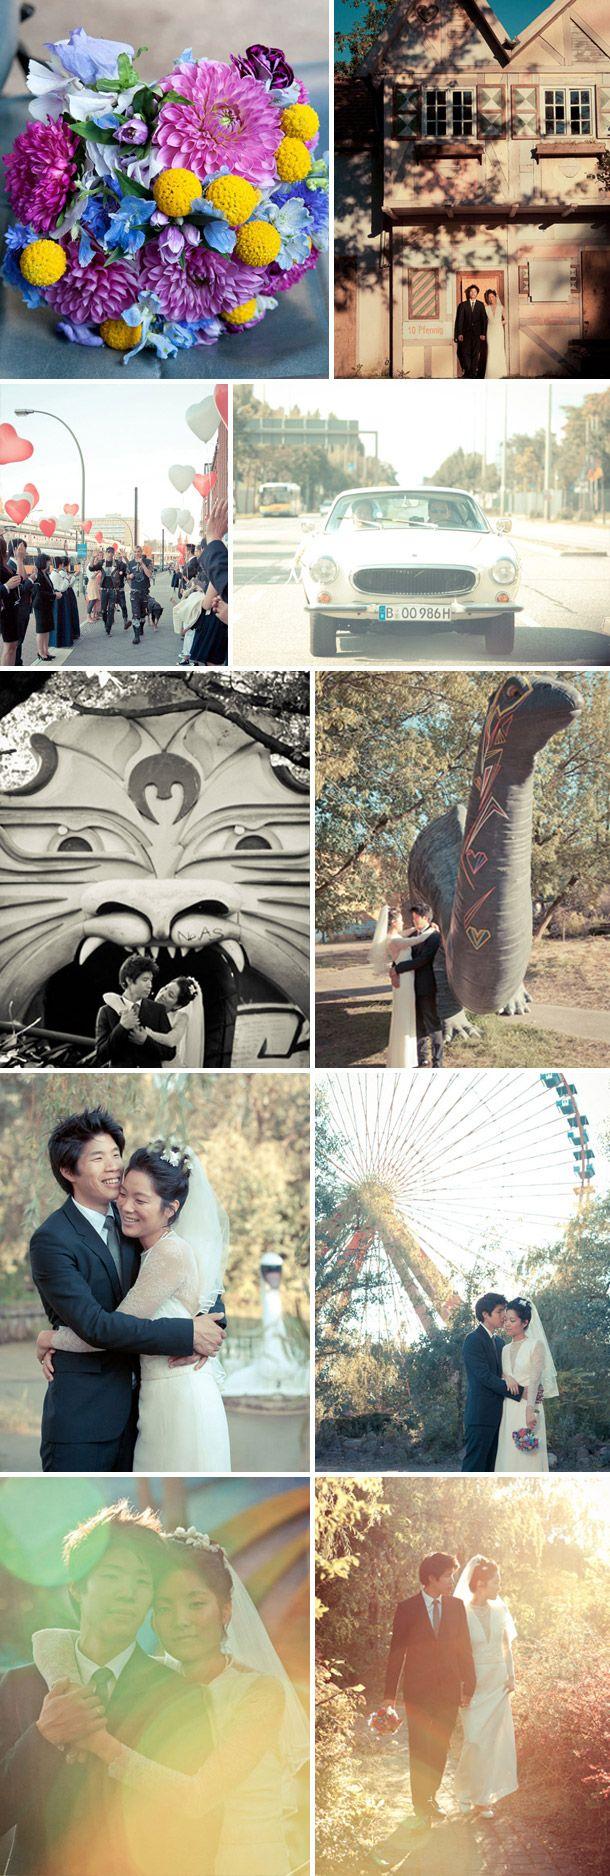 Koreanische Hochzeit von Berlin Weddings Photography http://www.hochzeitswahn.de/inspirationen/koreanische-hochzeit-von-berlin-weddings/ #wedding #mariage #realwedding